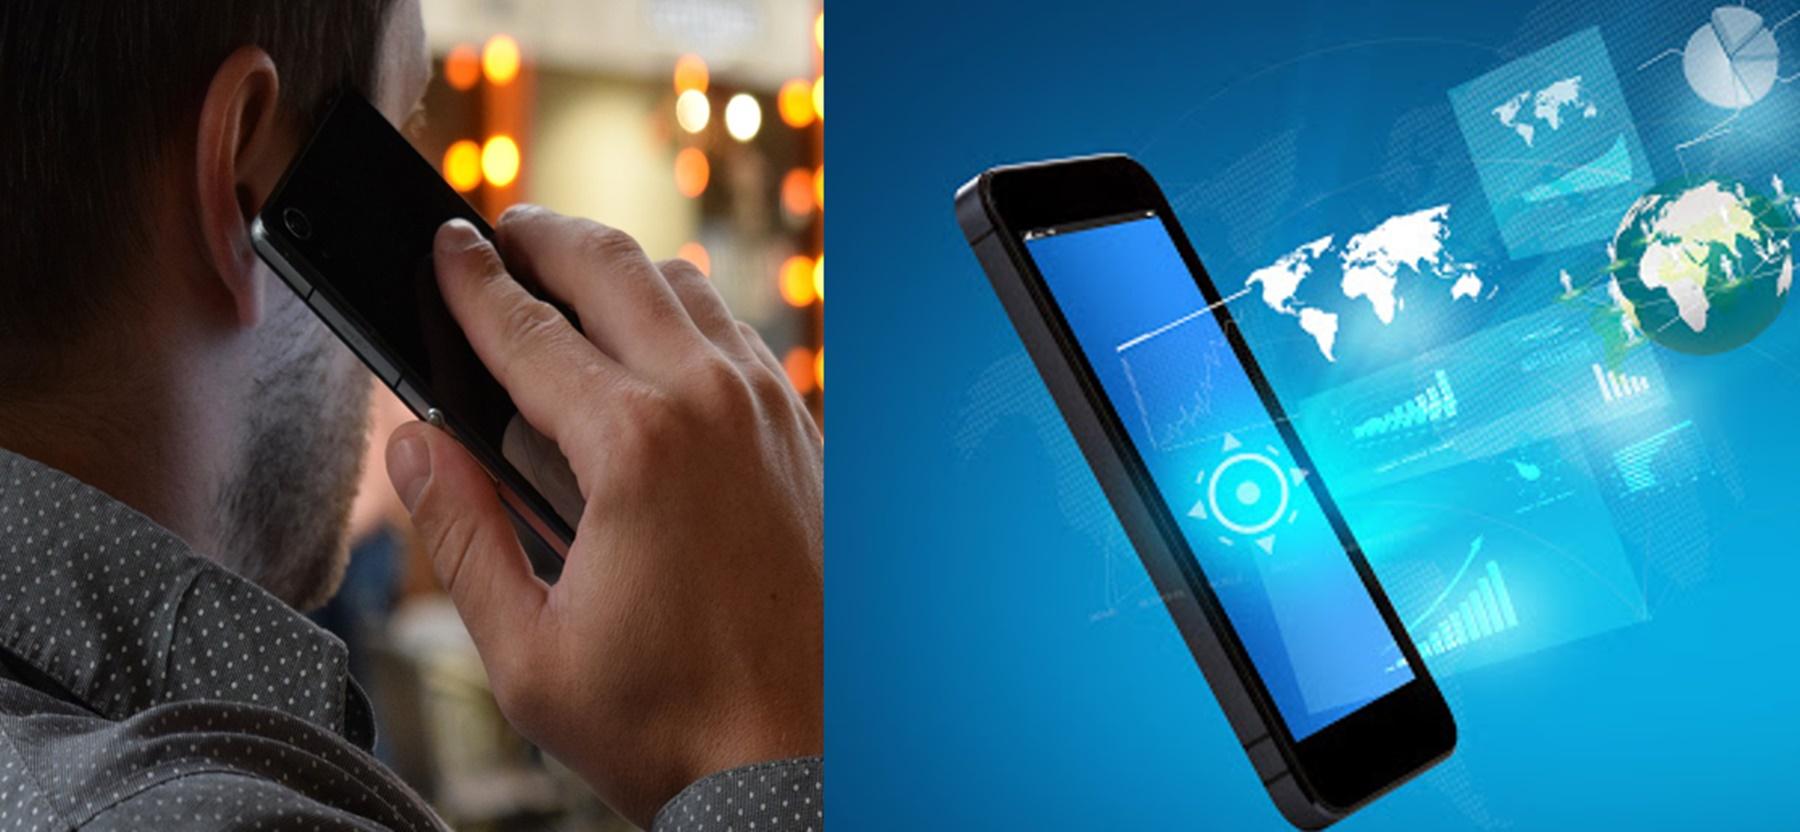 Avertisment pentru posesorii de smartphone-uri. Cum știi că îți este ascultat telefonul